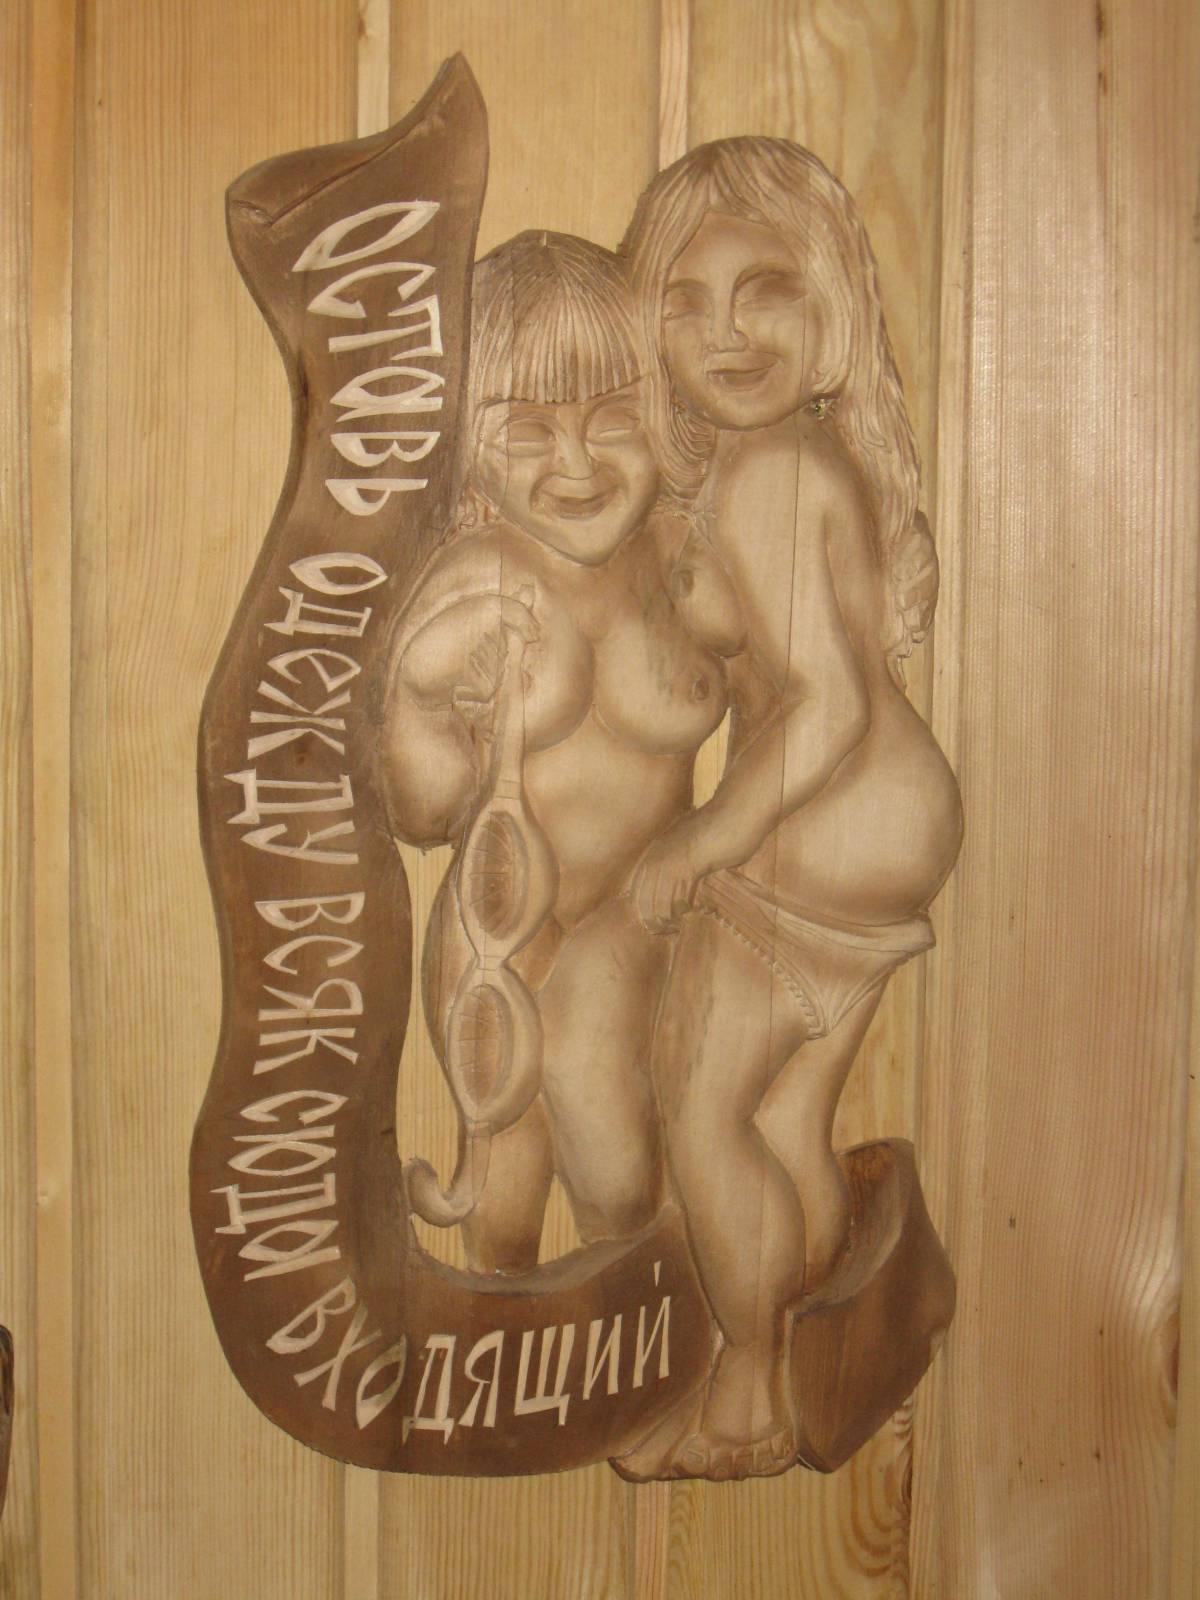 Прикольные картинки для бани и сауны своими руками